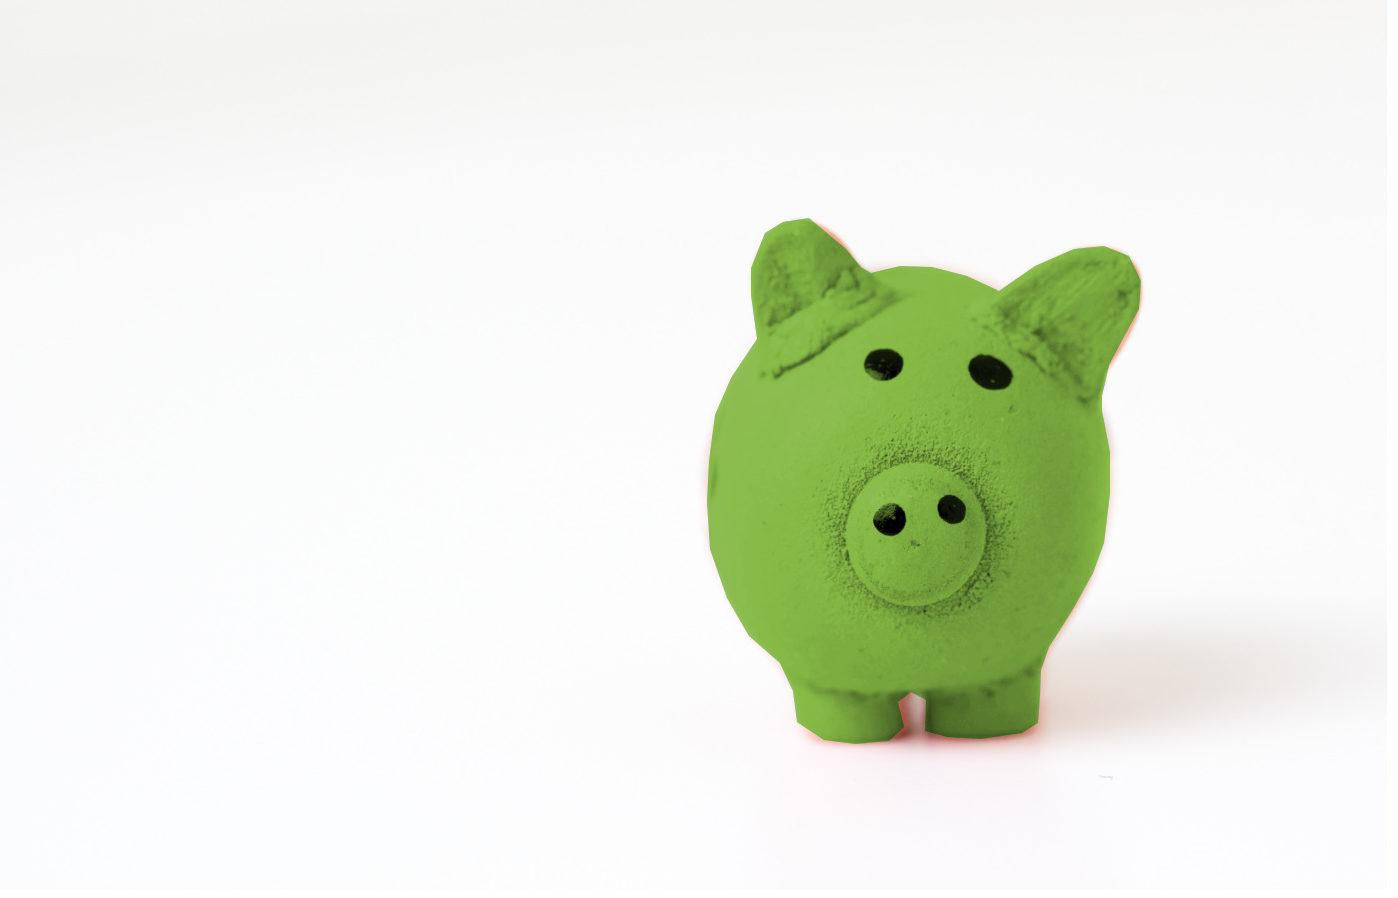 6 Tipps wie du Geld sparst und gleichzeitig gesünder und glücklicher lebst!